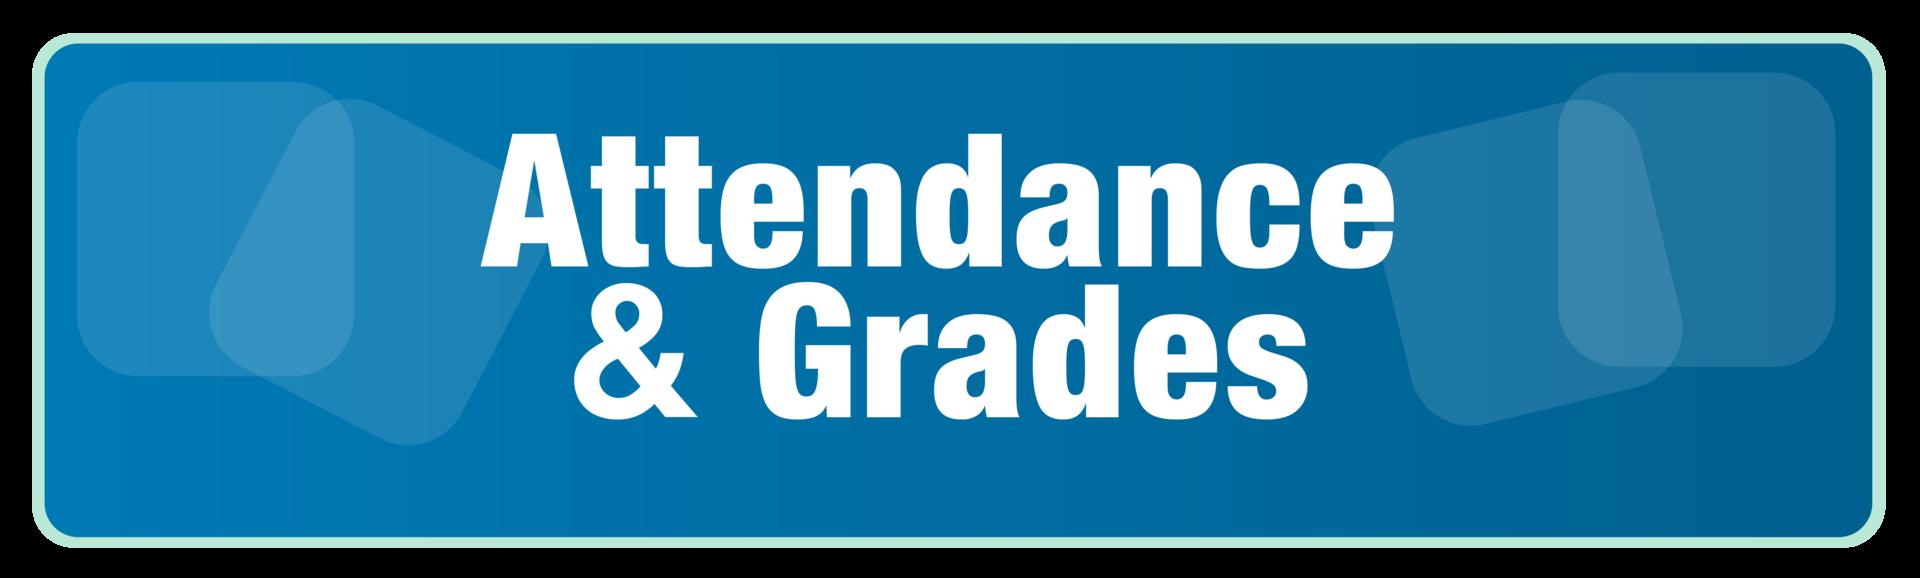 Attendance & Grades Button Link